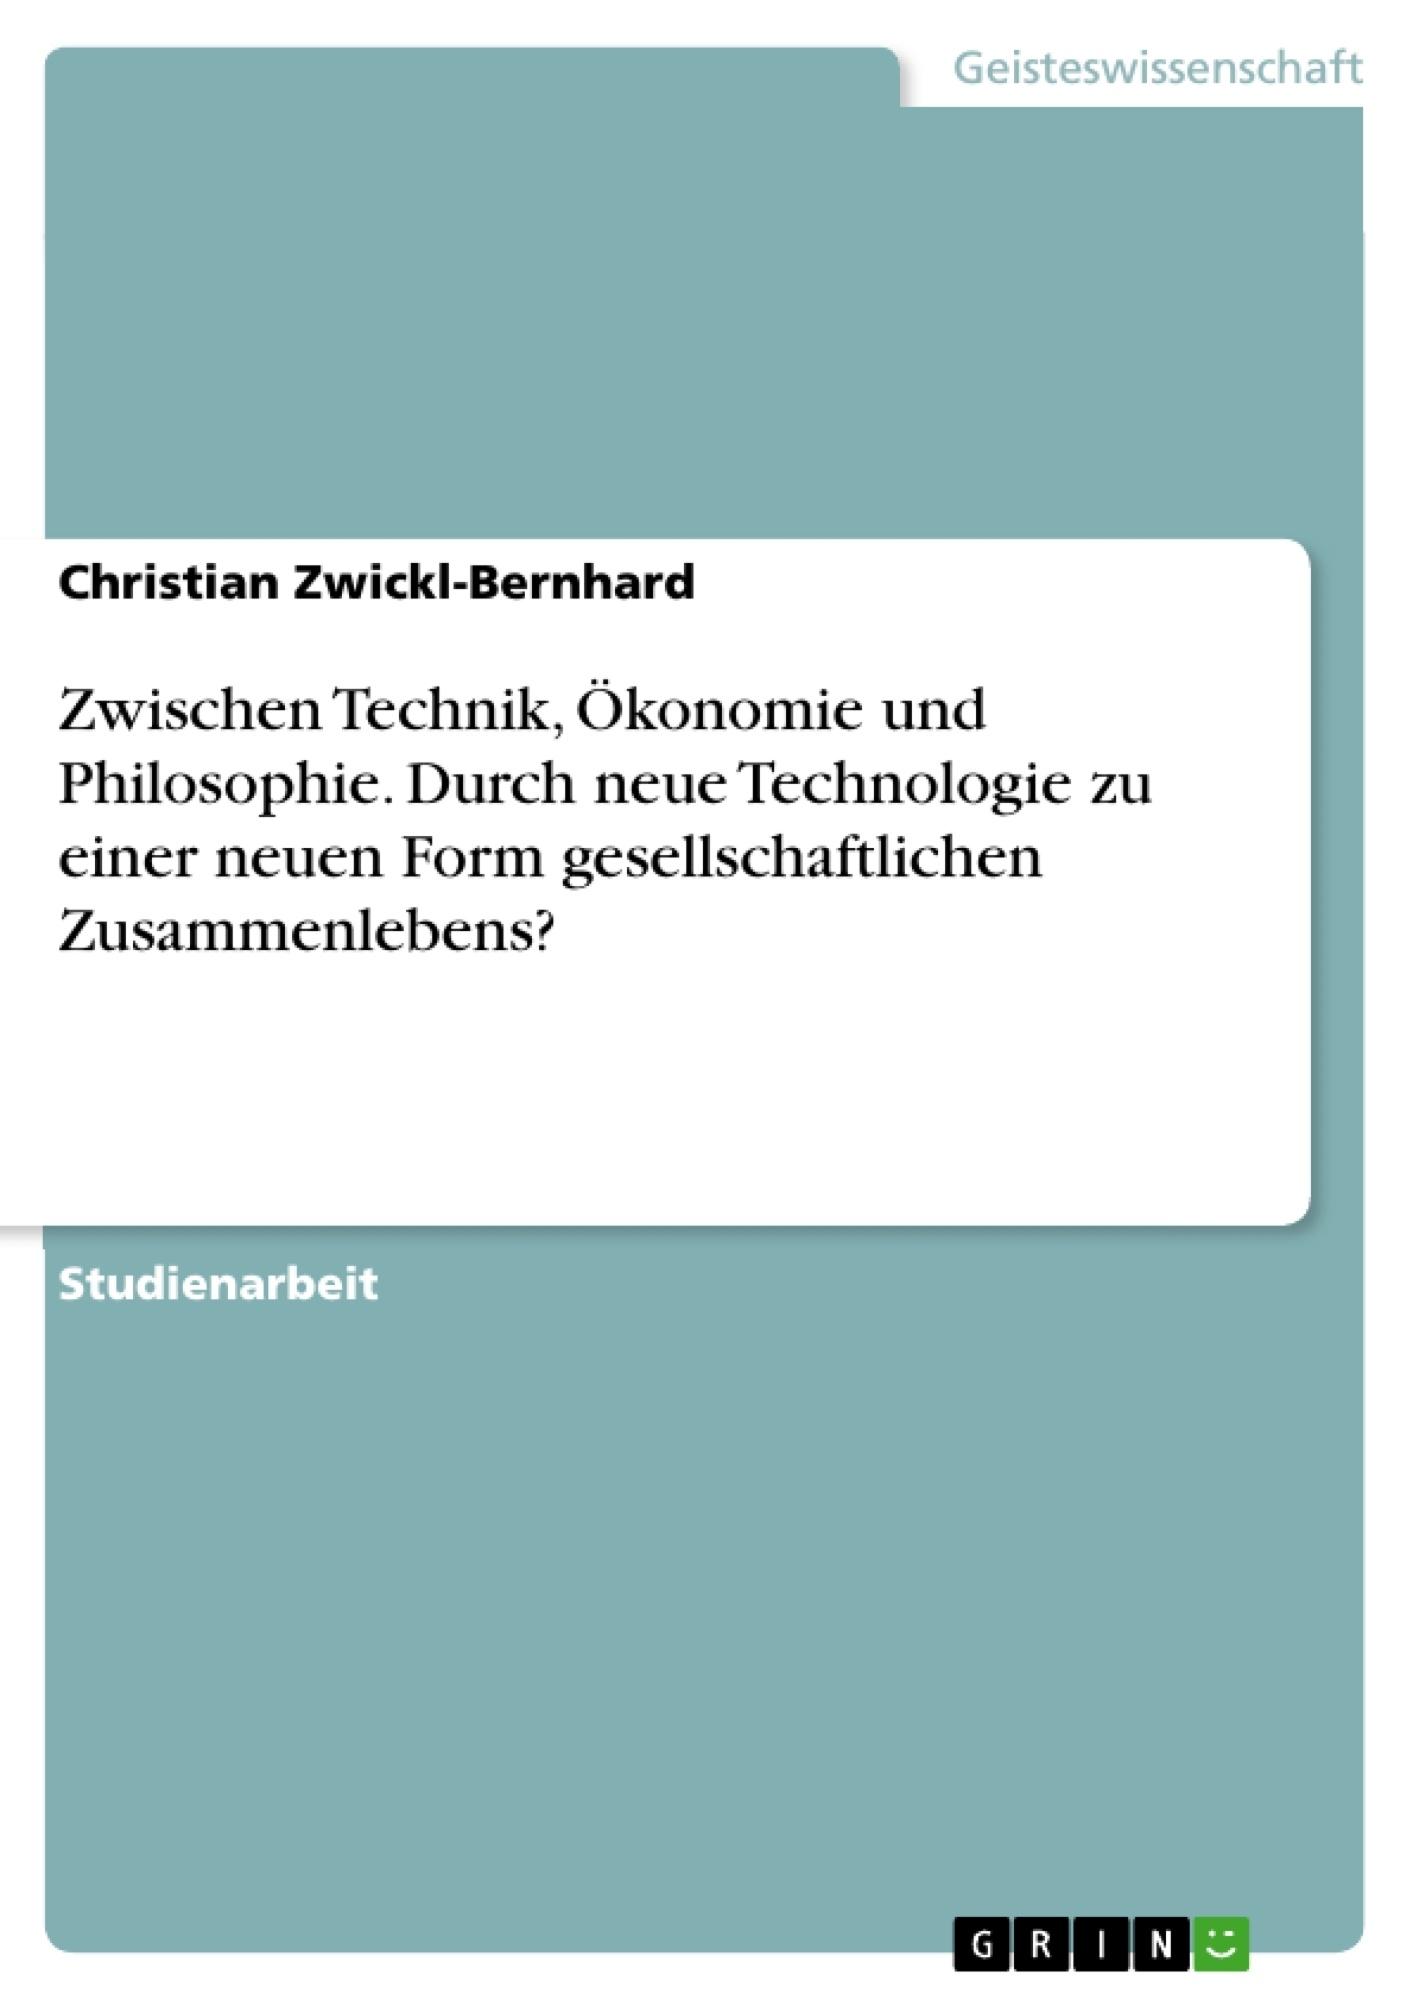 Titel: Zwischen Technik, Ökonomie und Philosophie. Durch neue Technologie zu einer neuen Form gesellschaftlichen Zusammenlebens?